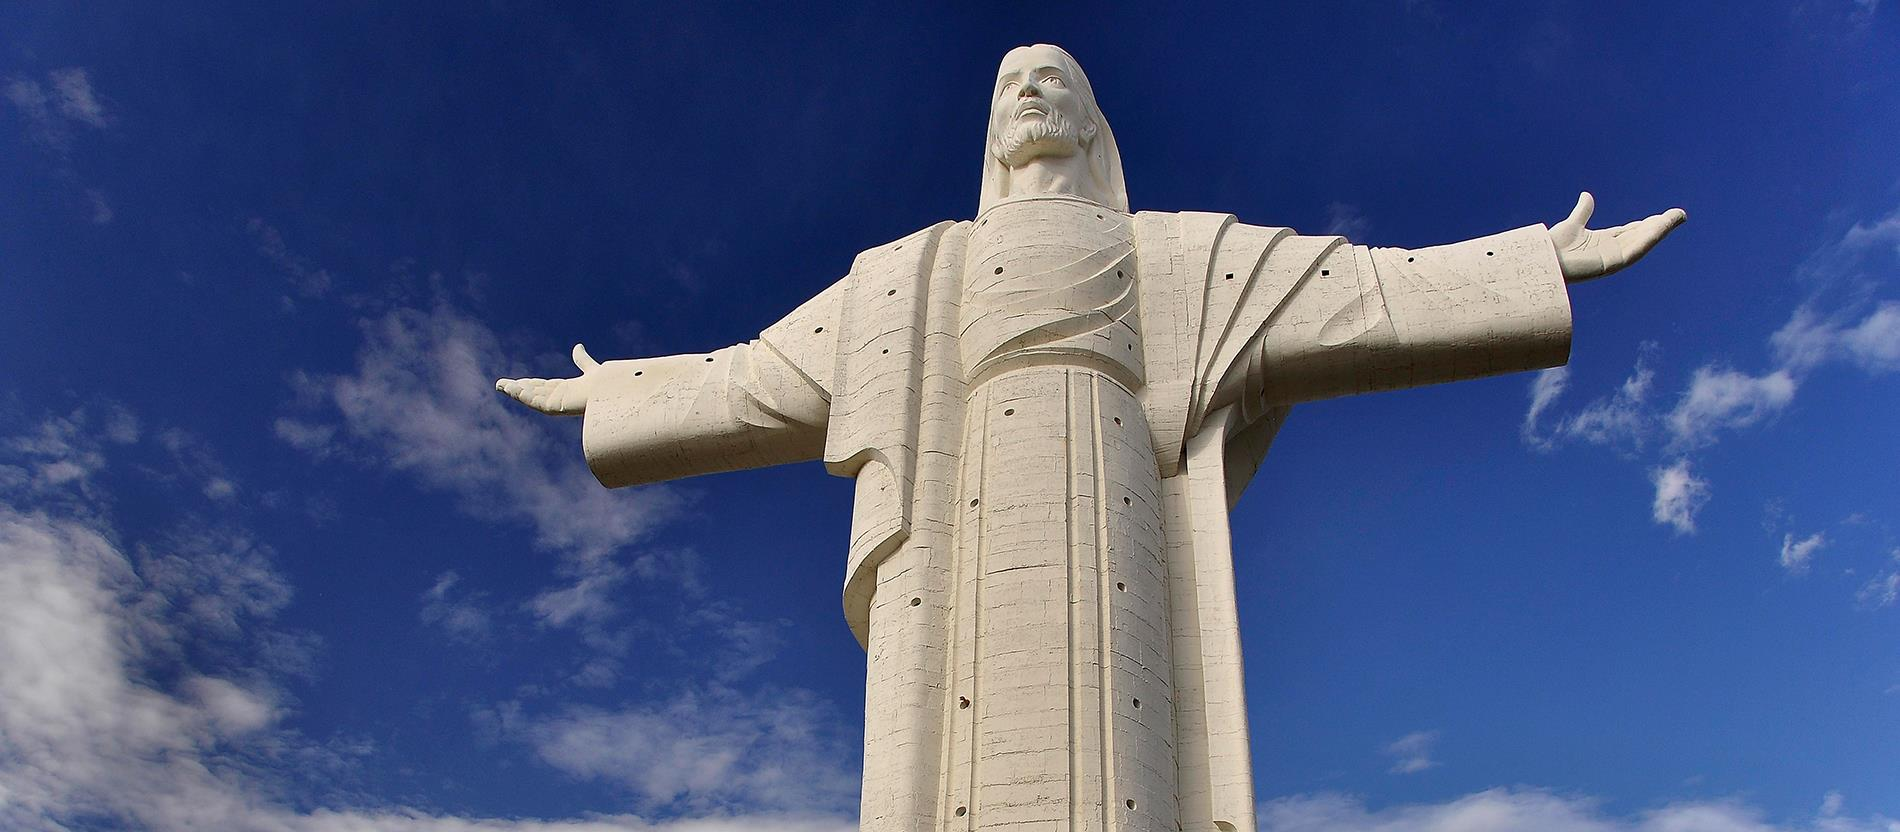 Az 1980-as évek óta áll ez a több mint 34 méter magas Békesség-szobor bolíviai Cochabambában, melynek jobb keze észak, bal keze pedig dél felé mutat. Vasárnaponként a Jézus 'karjain' lévő kilátópontok is látogathatók.